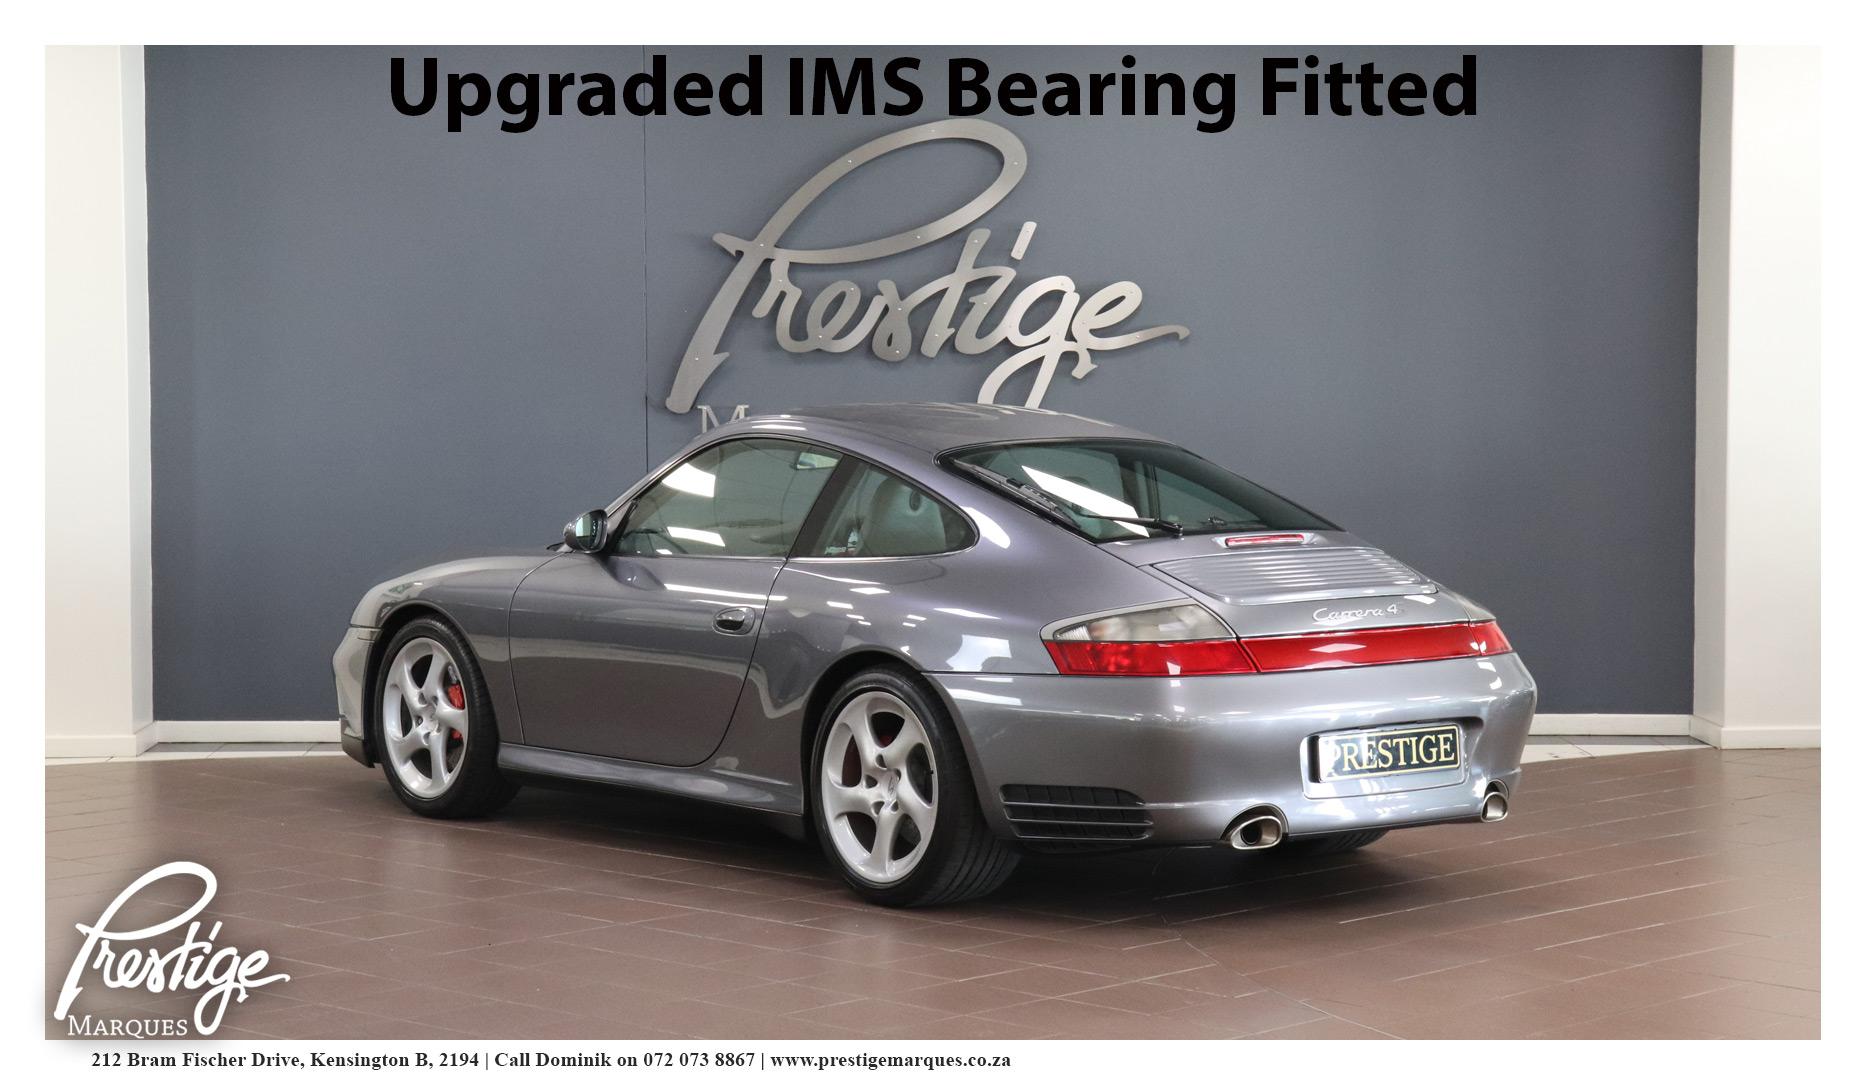 2005-Porsche-911-996-4s-Coupe-Manual-Prestige-Marques-Randburg-Sandton-6